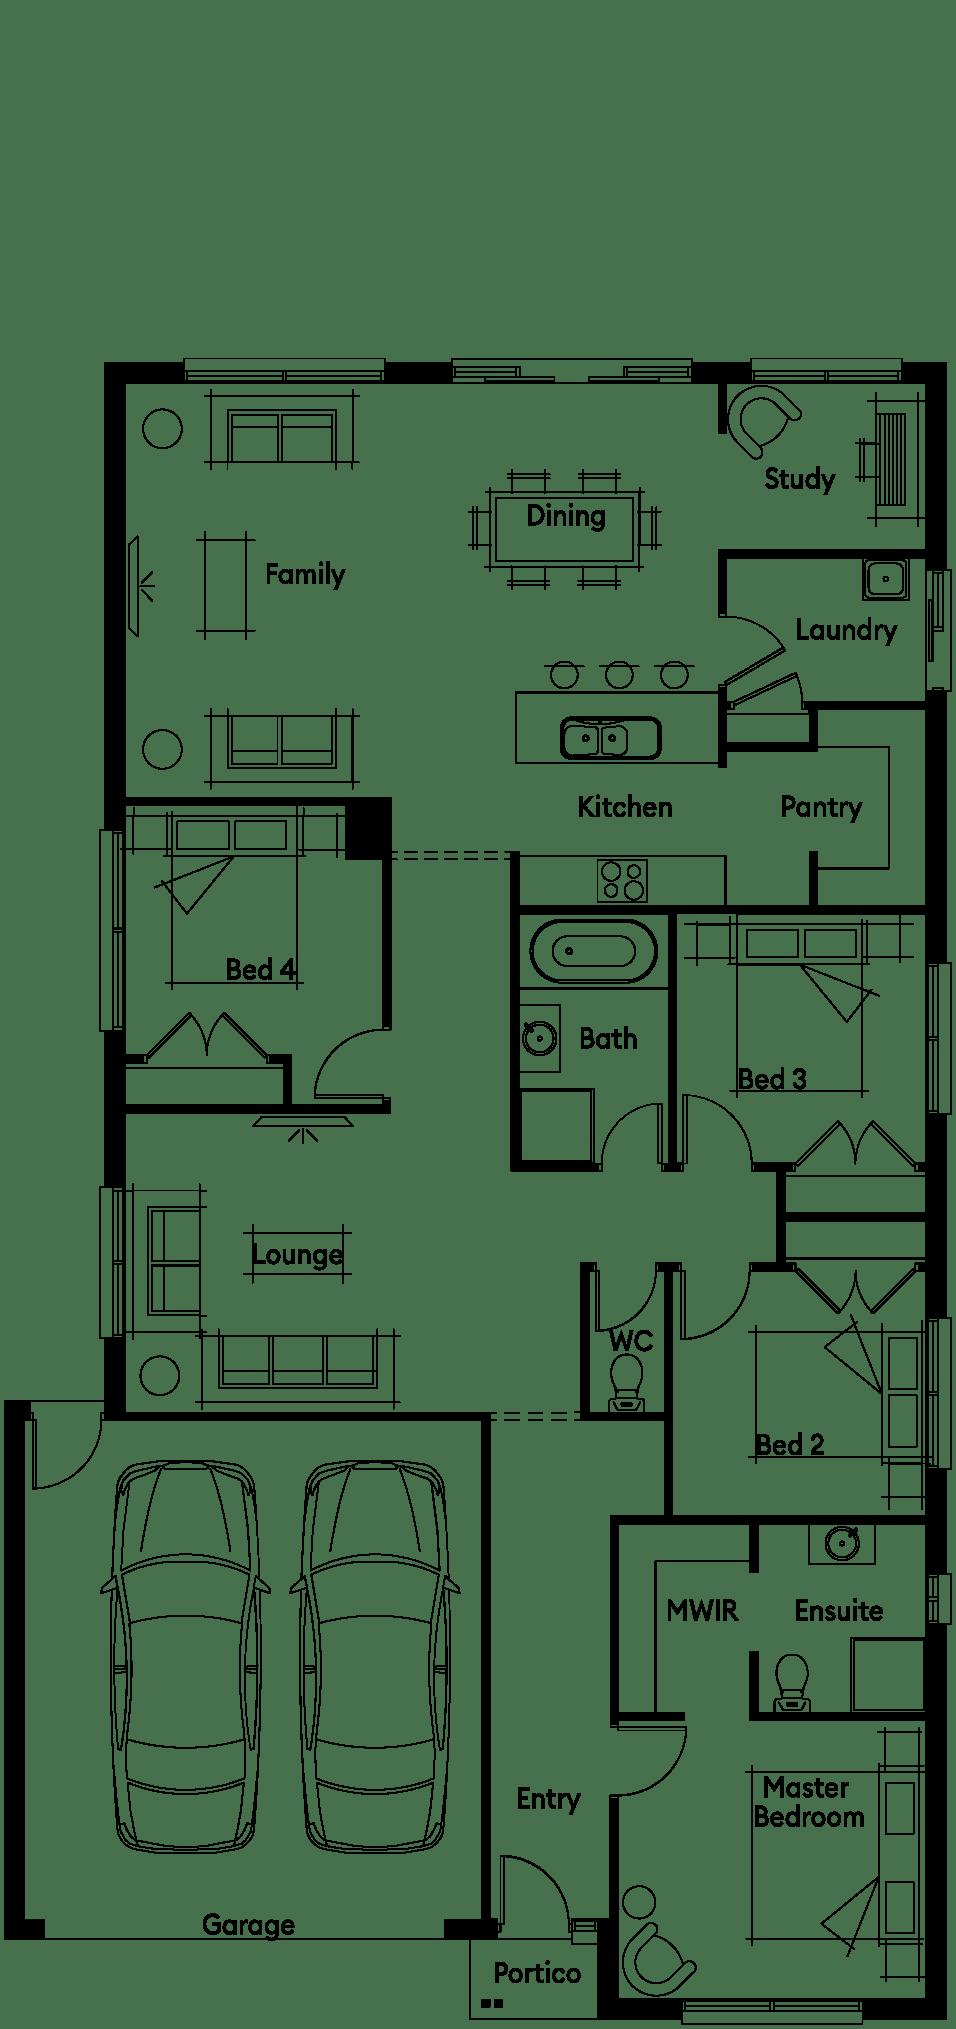 FloorPlan1_HOUSE760_Lamont_22-10